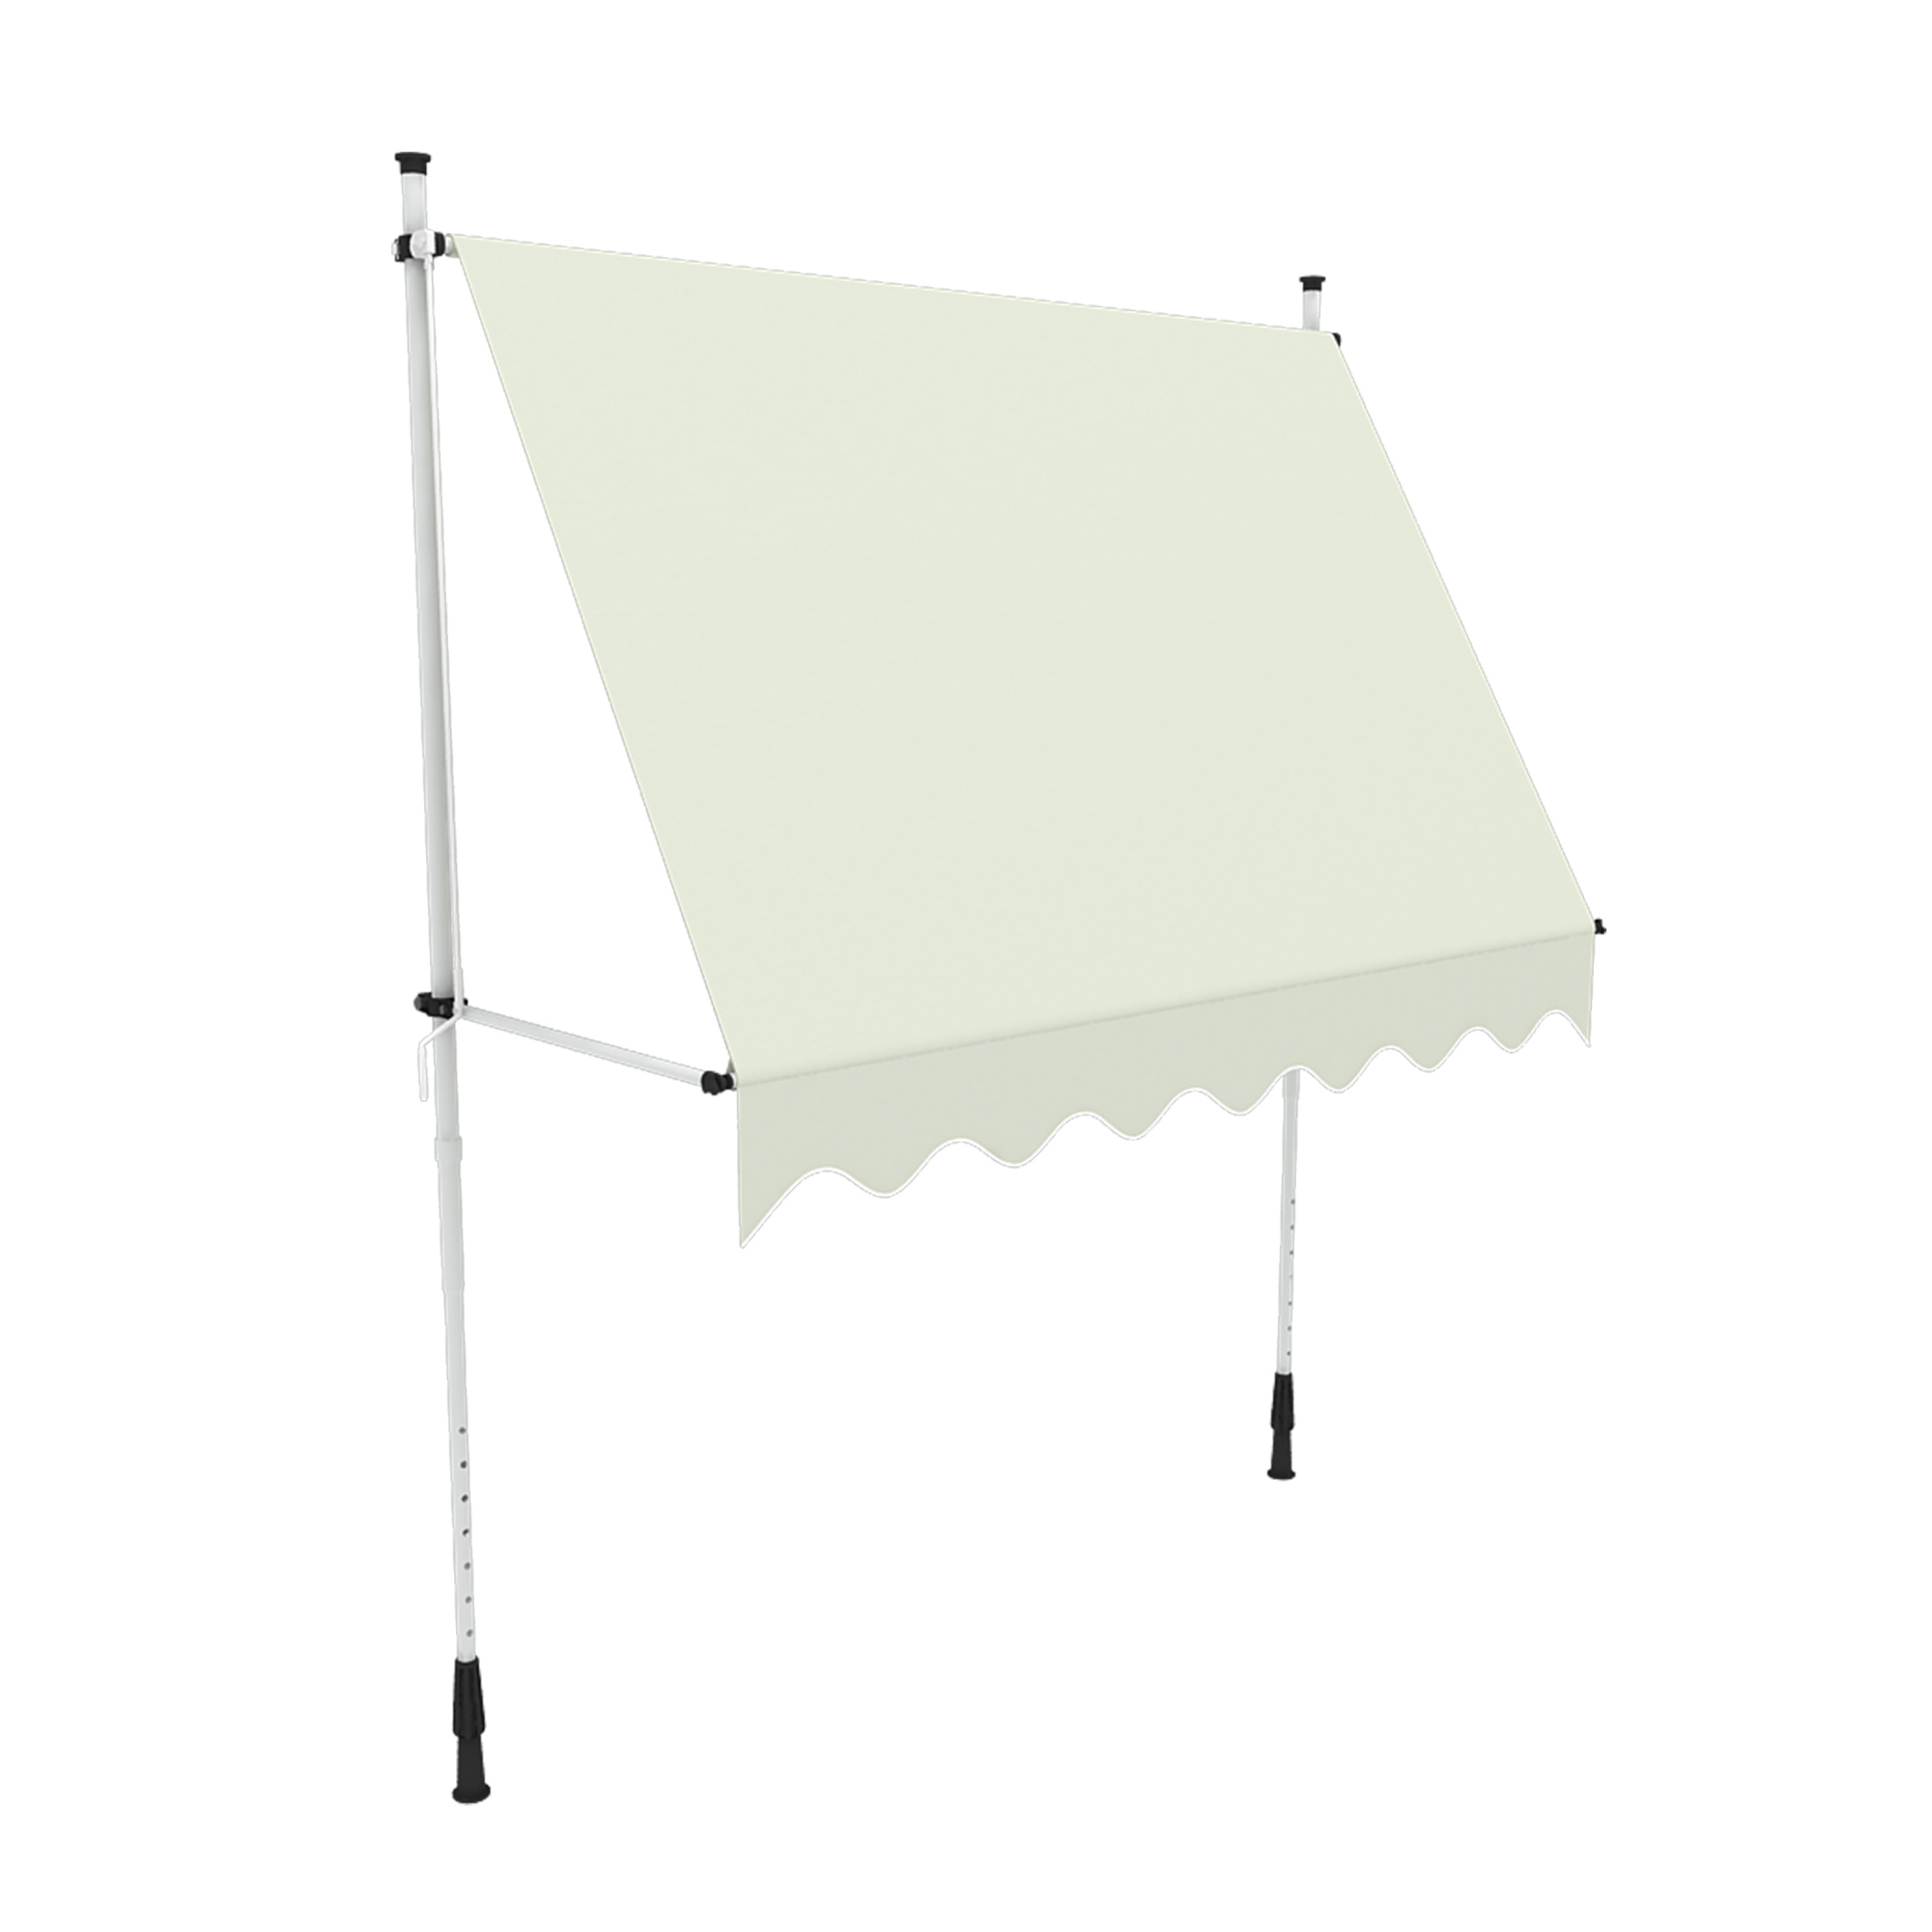 Markise-Balkon-Klemmmarkise-Sonnenschutz-295x120cm-Creme-ohne-Bohren-B-Ware